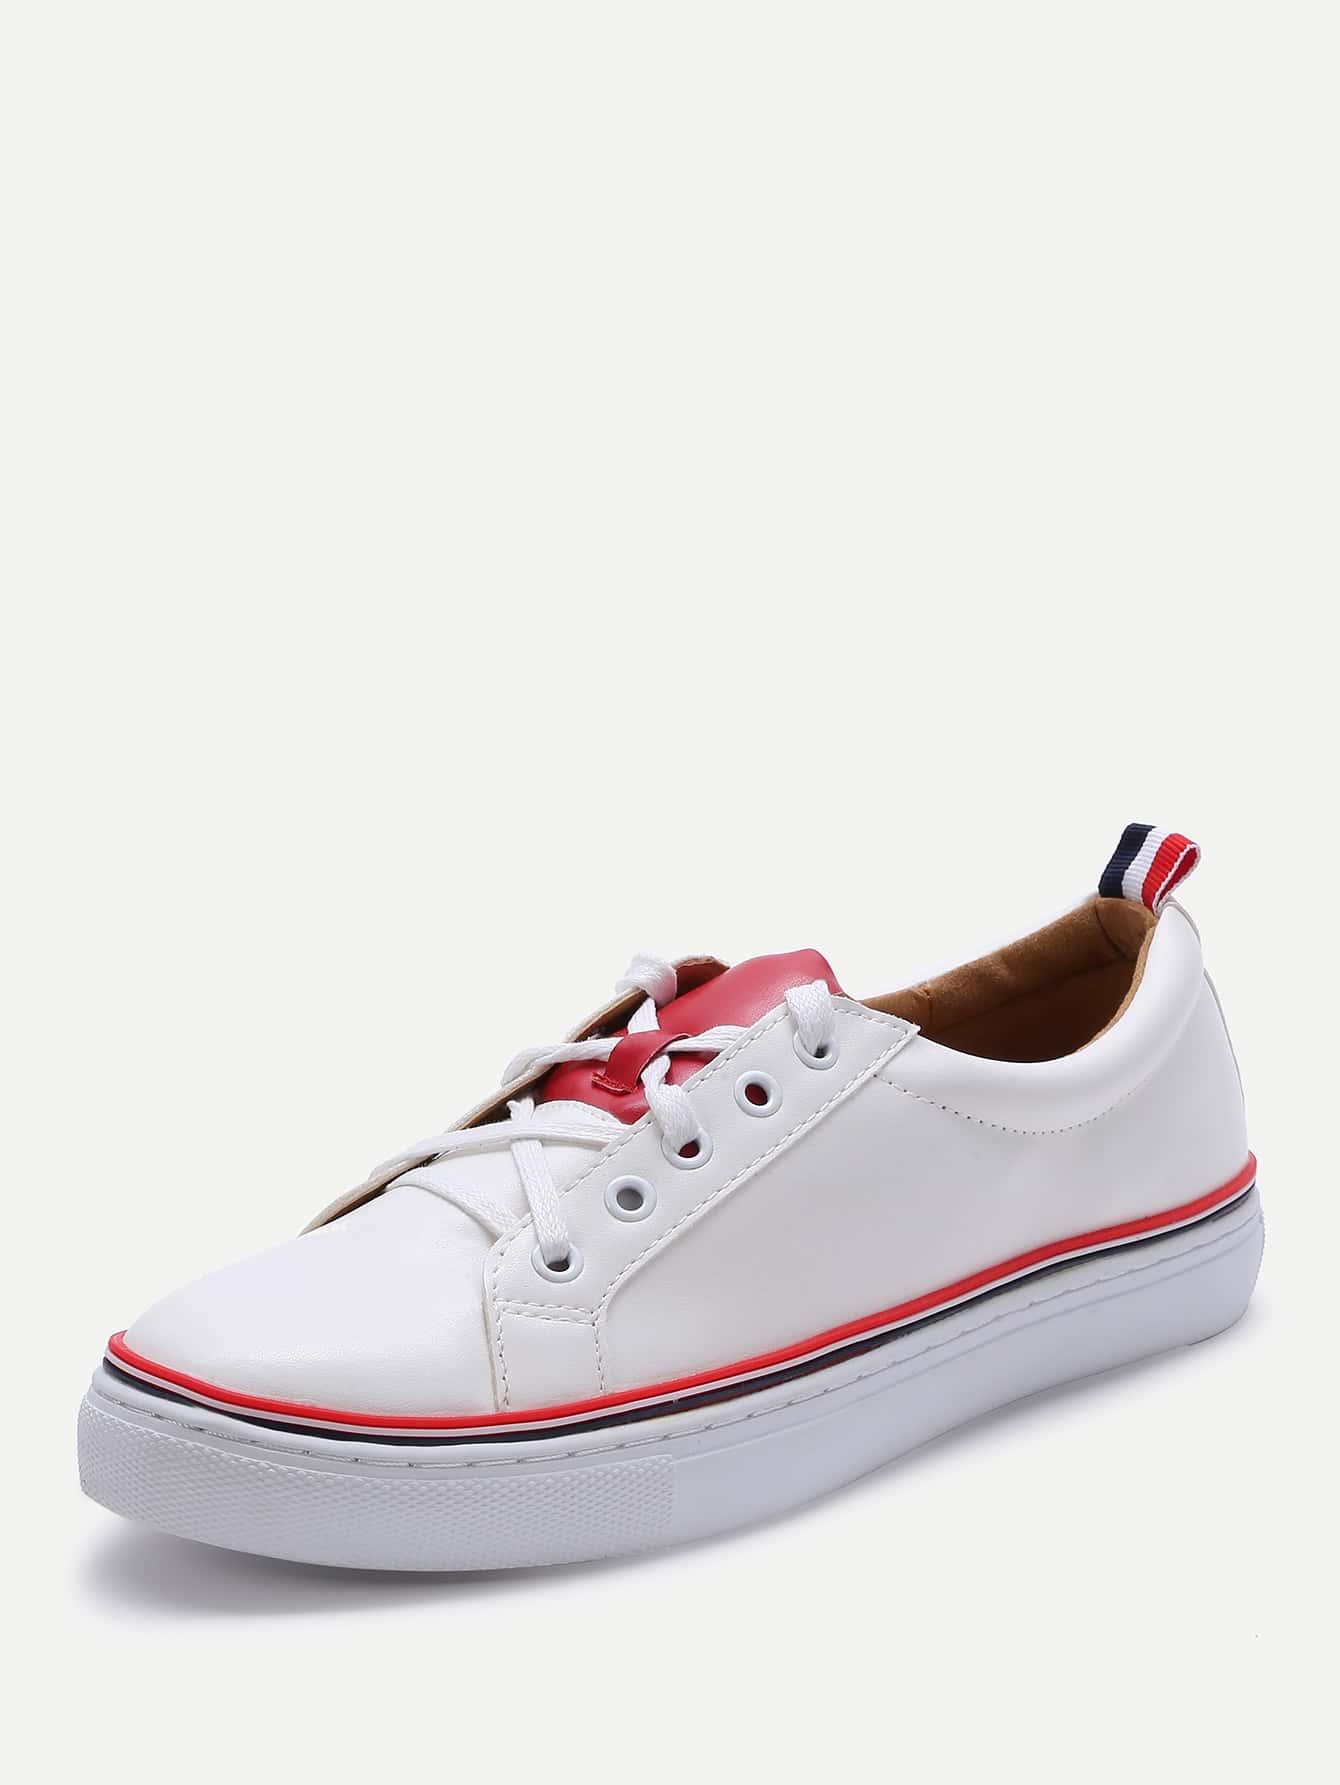 shoes170310804_2